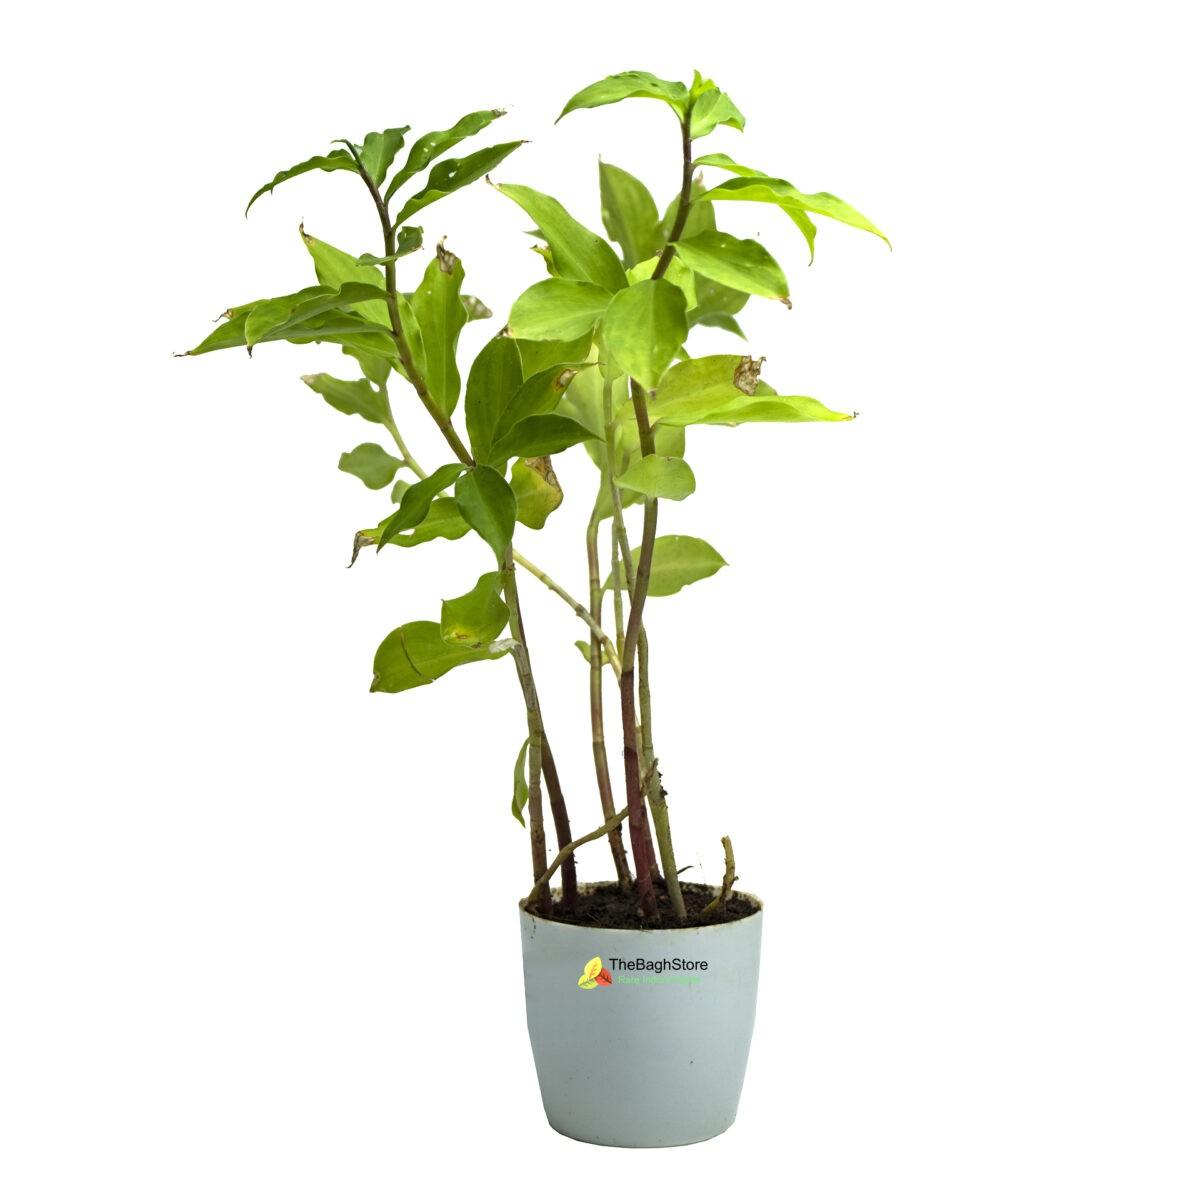 Insulin Plant, Costus igneus - Plant